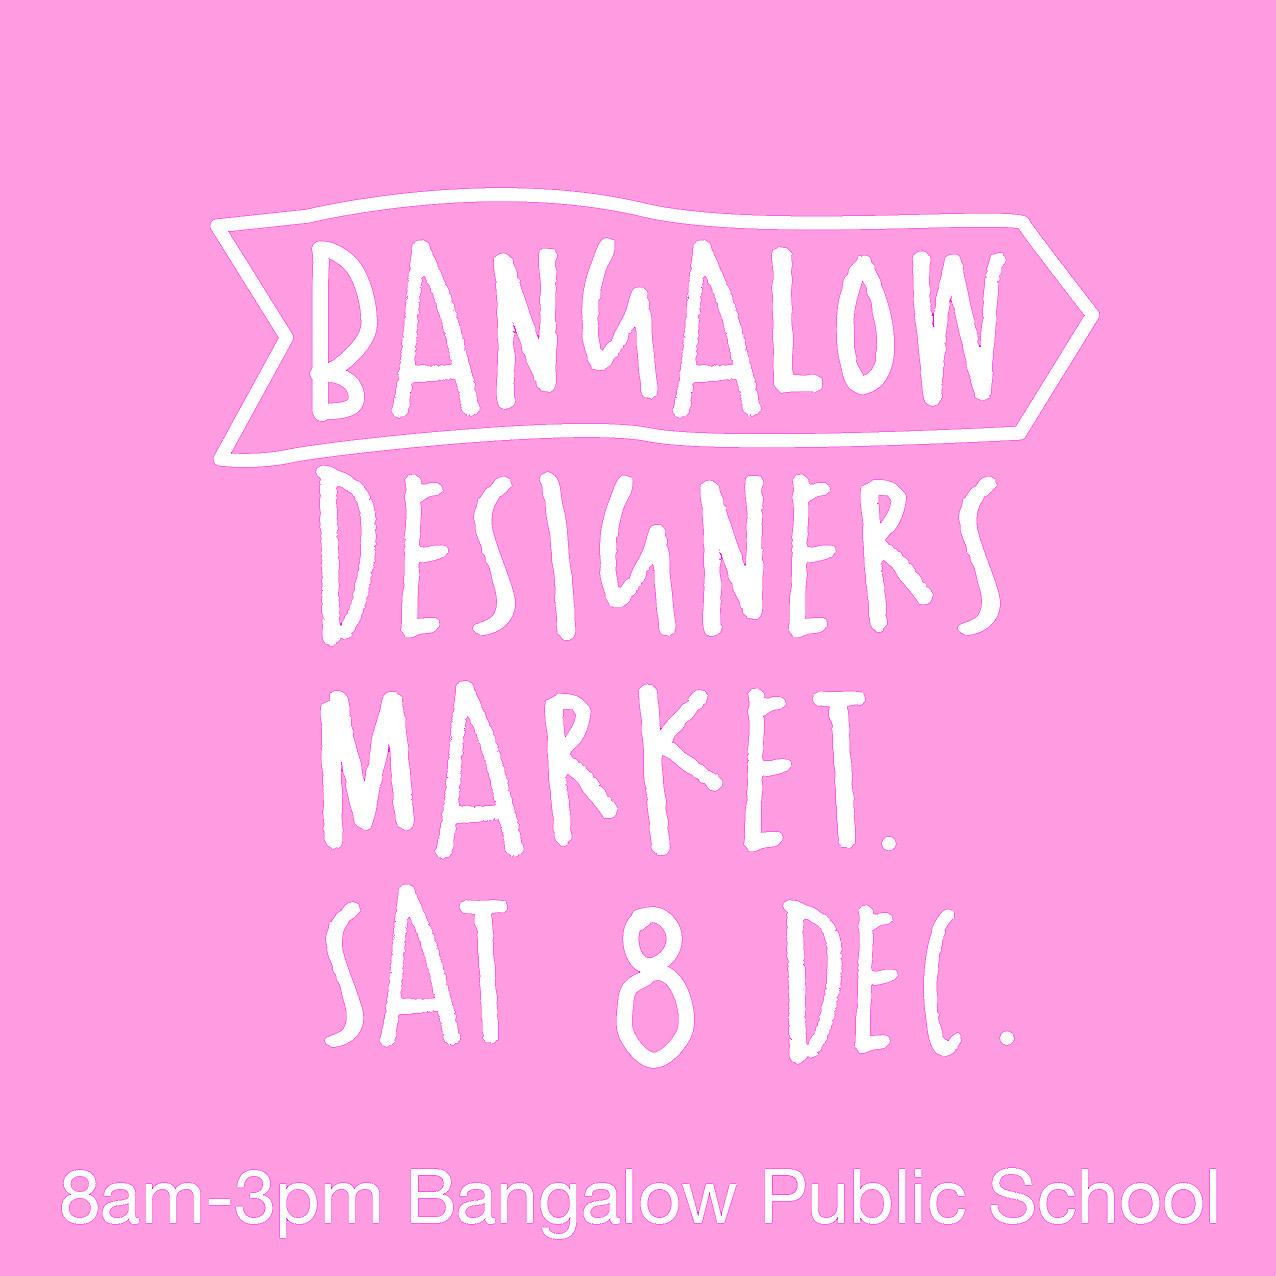 BANGALOW DESIGNER MARKETS 8TH DEC PINK KIDS 1 LOVE.jpg